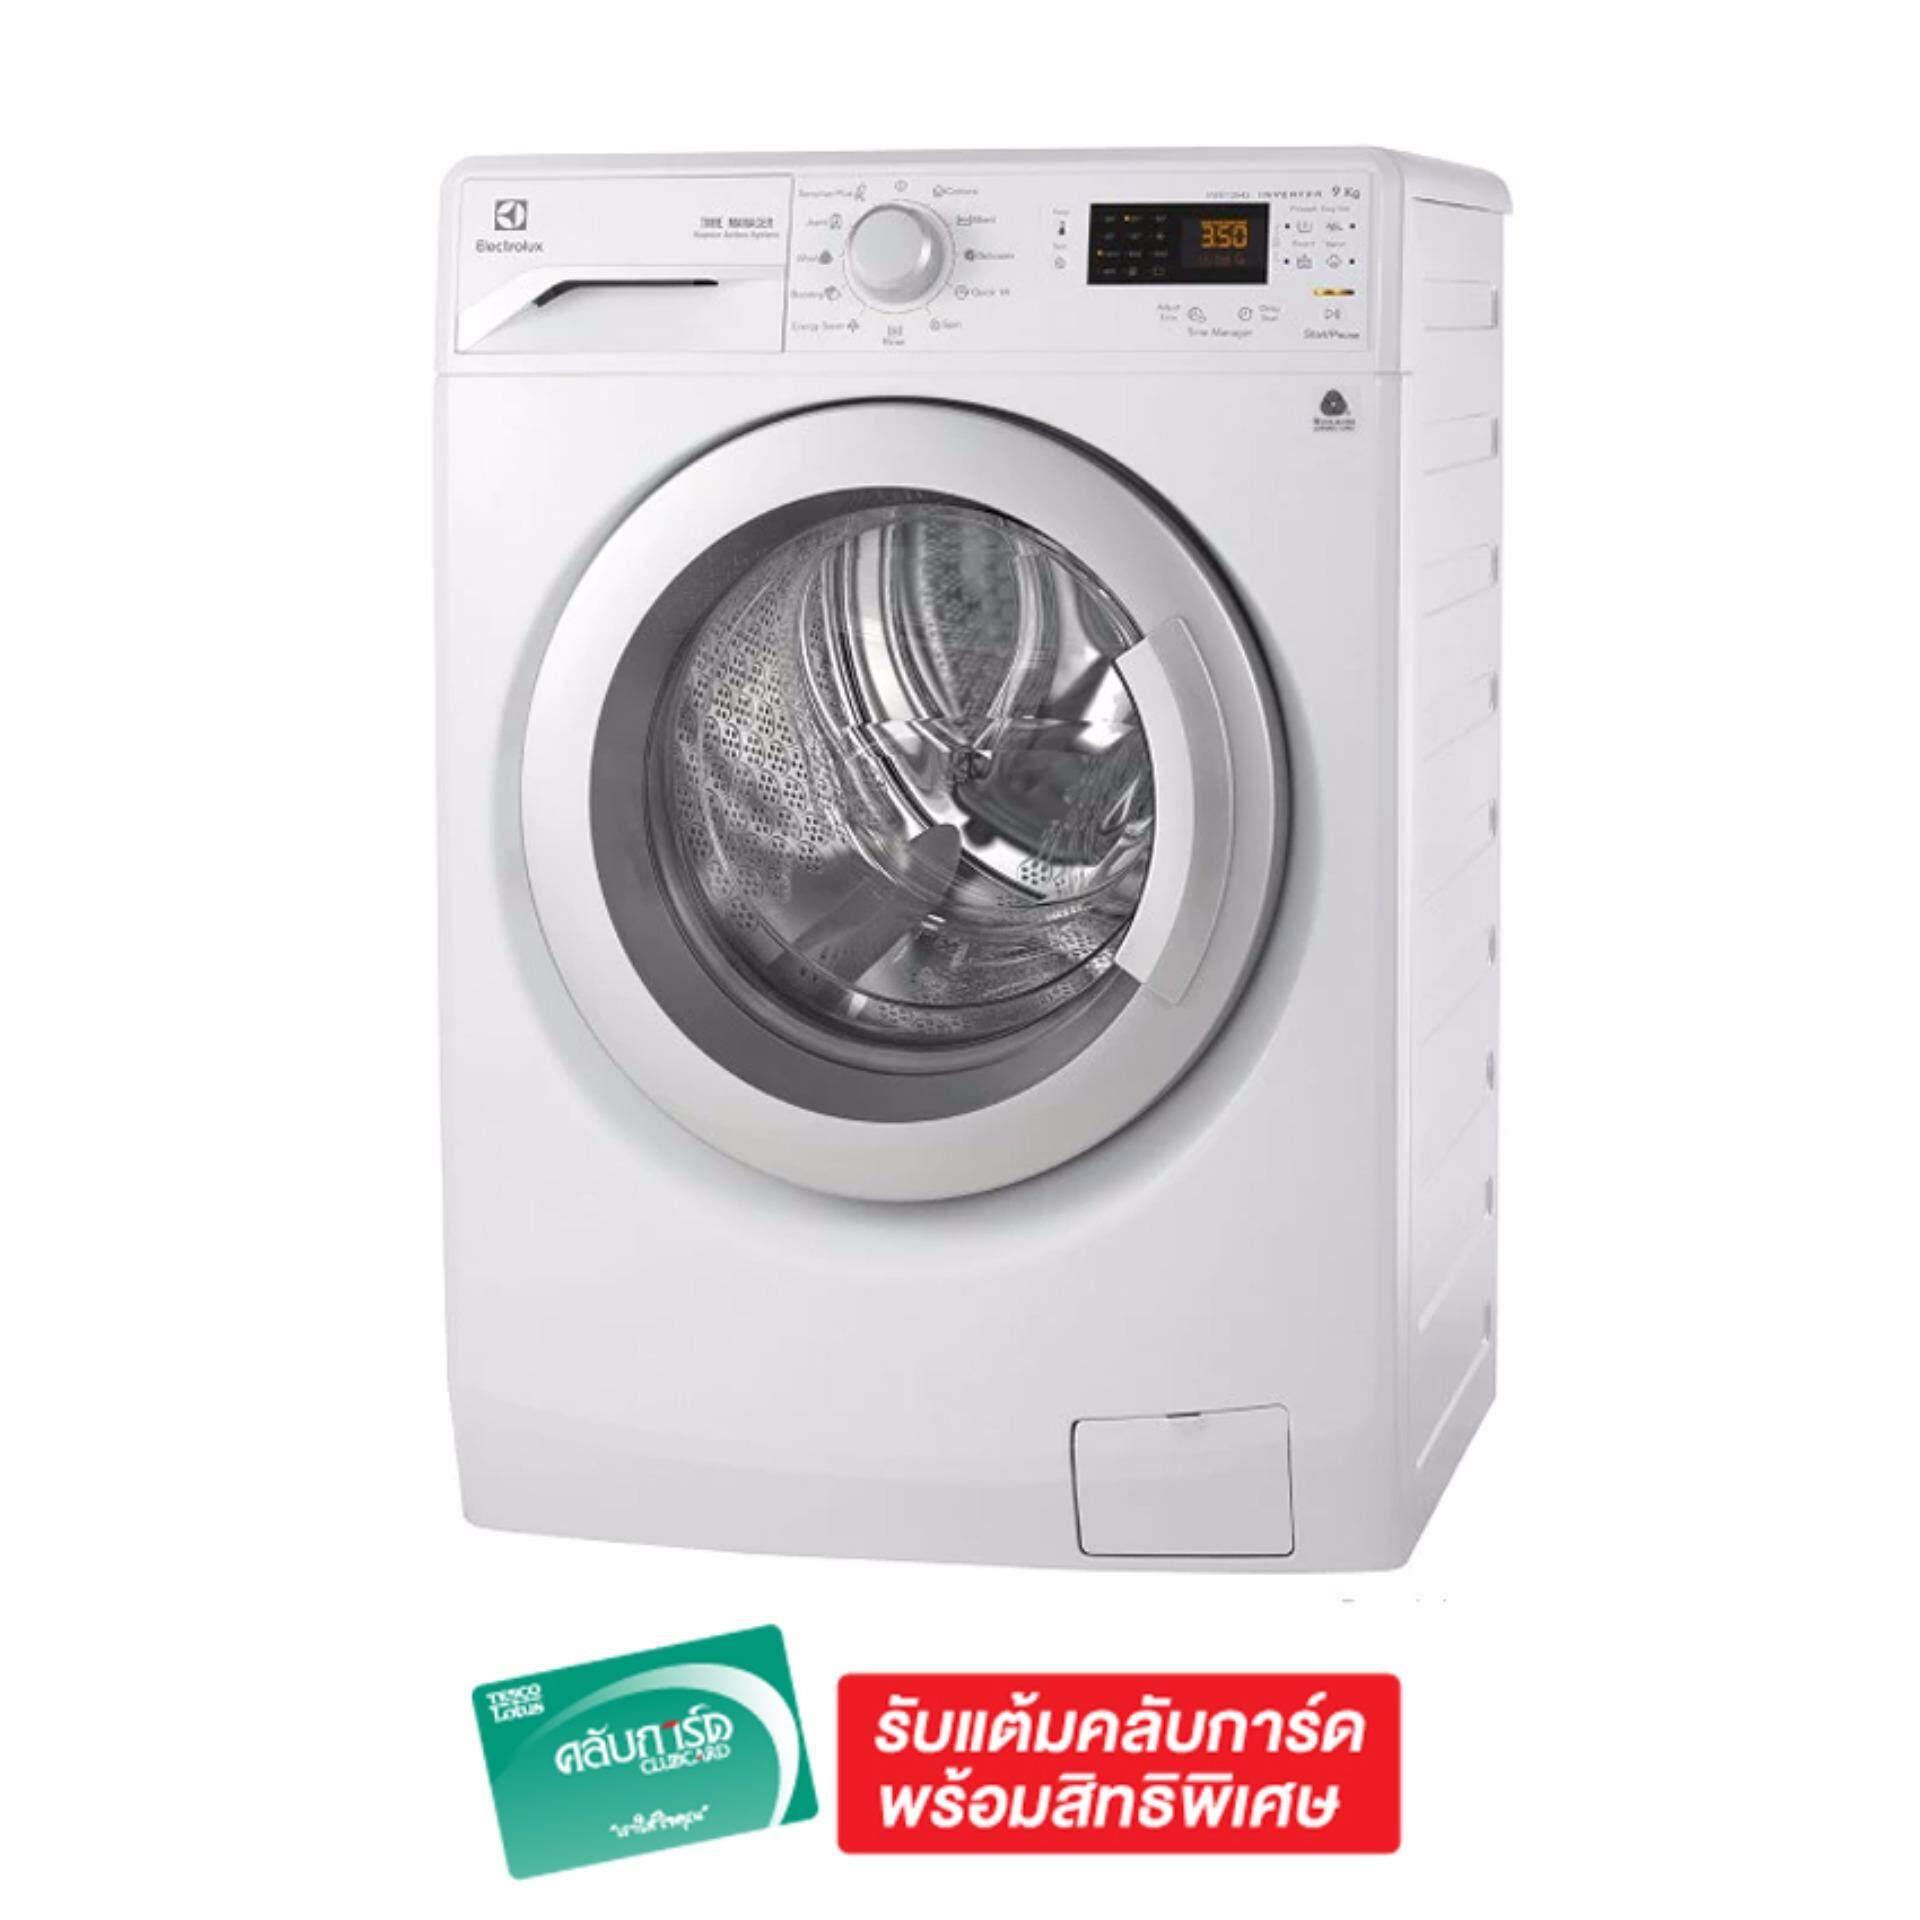 ลดราคาต่ำสุดฉลองยอดขาย เครื่องซักผ้า Sharp Sale -22% Sharp เดรื่องซักผ้าฝาบนแบบ 2 ถัง ขนาด 8 กก. รุ่น Es-Tt80t-Bl ขายถูกๆ ส่งฟรี